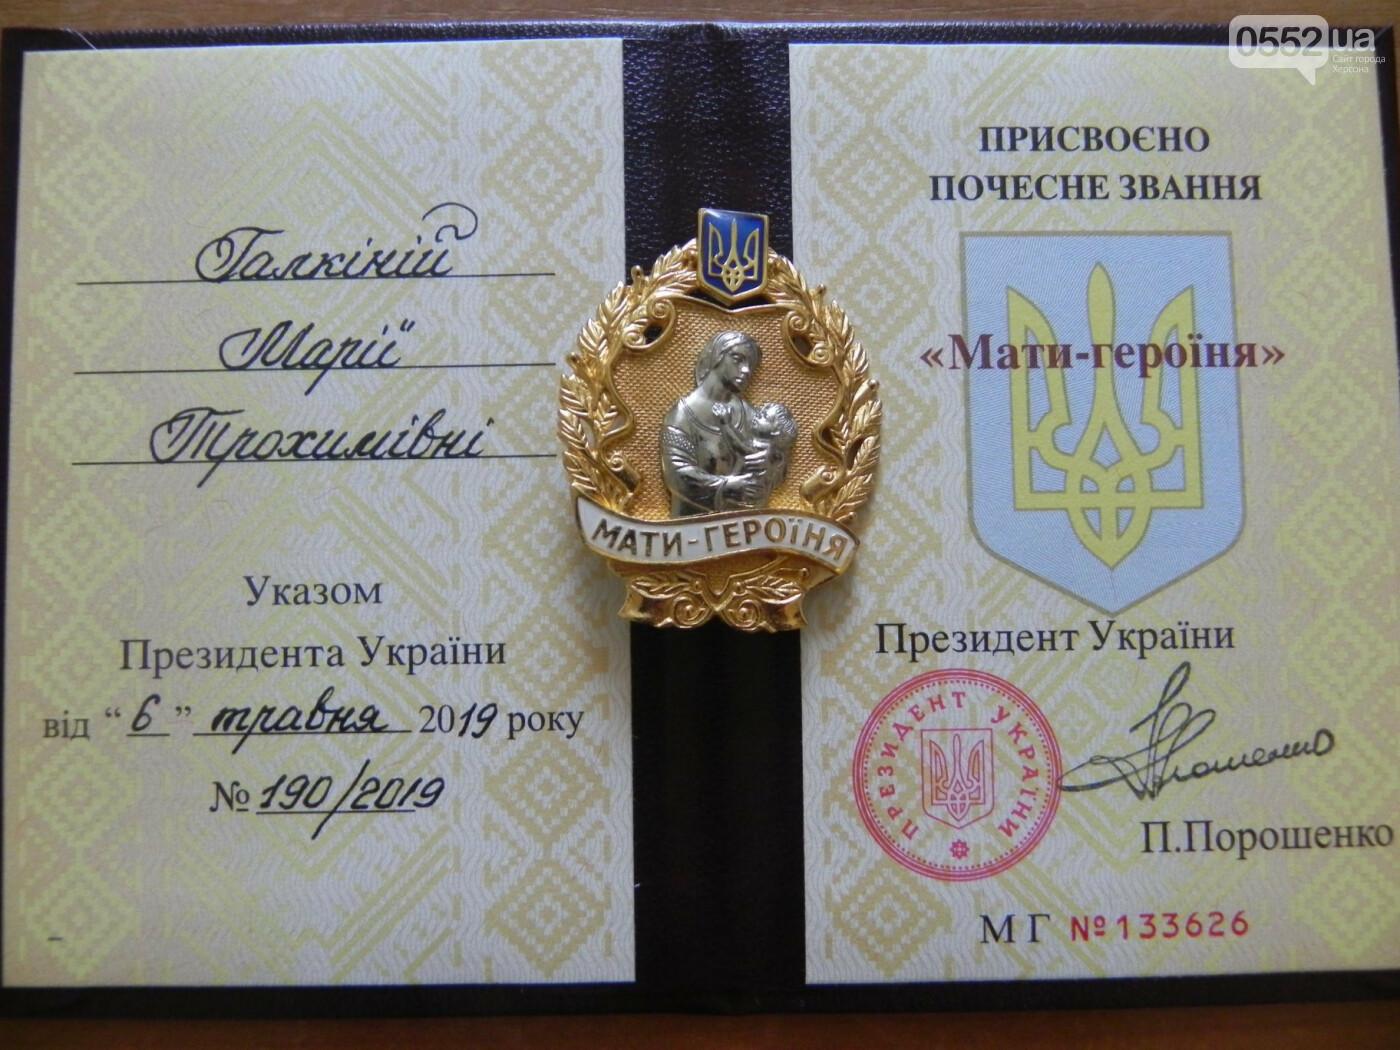 Жительница Херсонщины получила почетное звание и медаль «Мать-героиня» , фото-3